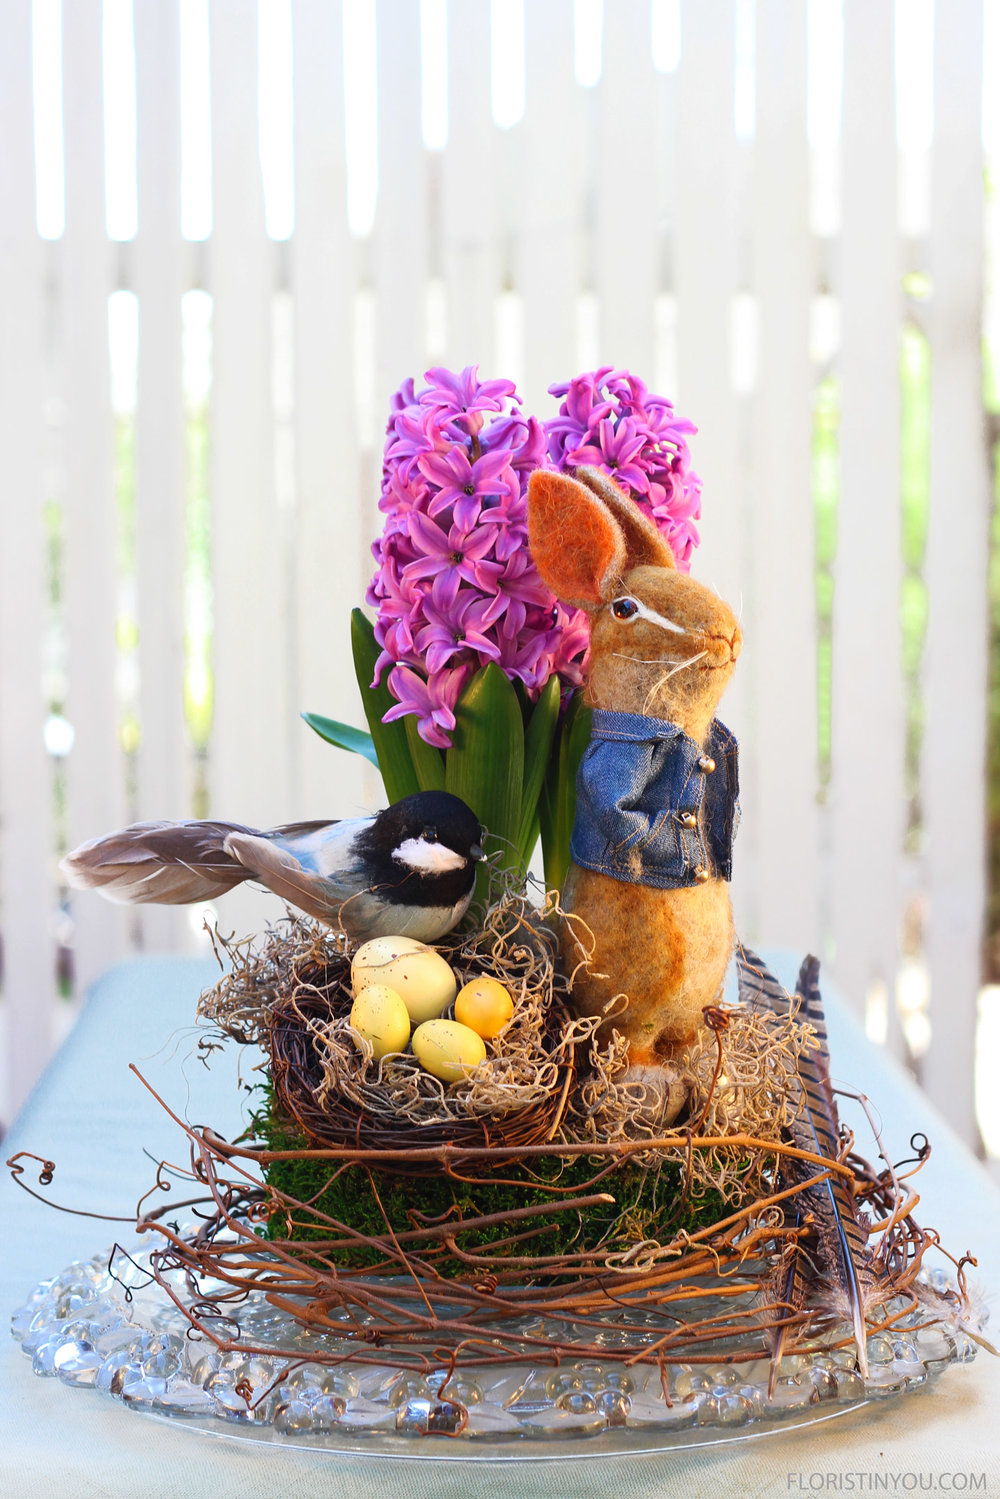 """Hyacinth Easter Arrangement                     Normal   0           false   false   false     EN-US   JA   X-NONE                                                                                                                                                                                                                                                                                                                                                                              /* Style Definitions */ table.MsoNormalTable {mso-style-name:""""Table Normal""""; mso-tstyle-rowband-size:0; mso-tstyle-colband-size:0; mso-style-noshow:yes; mso-style-priority:99; mso-style-parent:""""""""; mso-padding-alt:0in 5.4pt 0in 5.4pt; mso-para-margin:0in; mso-para-margin-bottom:.0001pt; mso-pagination:widow-orphan; font-size:12.0pt; font-family:Cambria; mso-ascii-font-family:Cambria; mso-ascii-theme-font:minor-latin; mso-hansi-font-family:Cambria; mso-hansi-theme-font:minor-latin;}"""